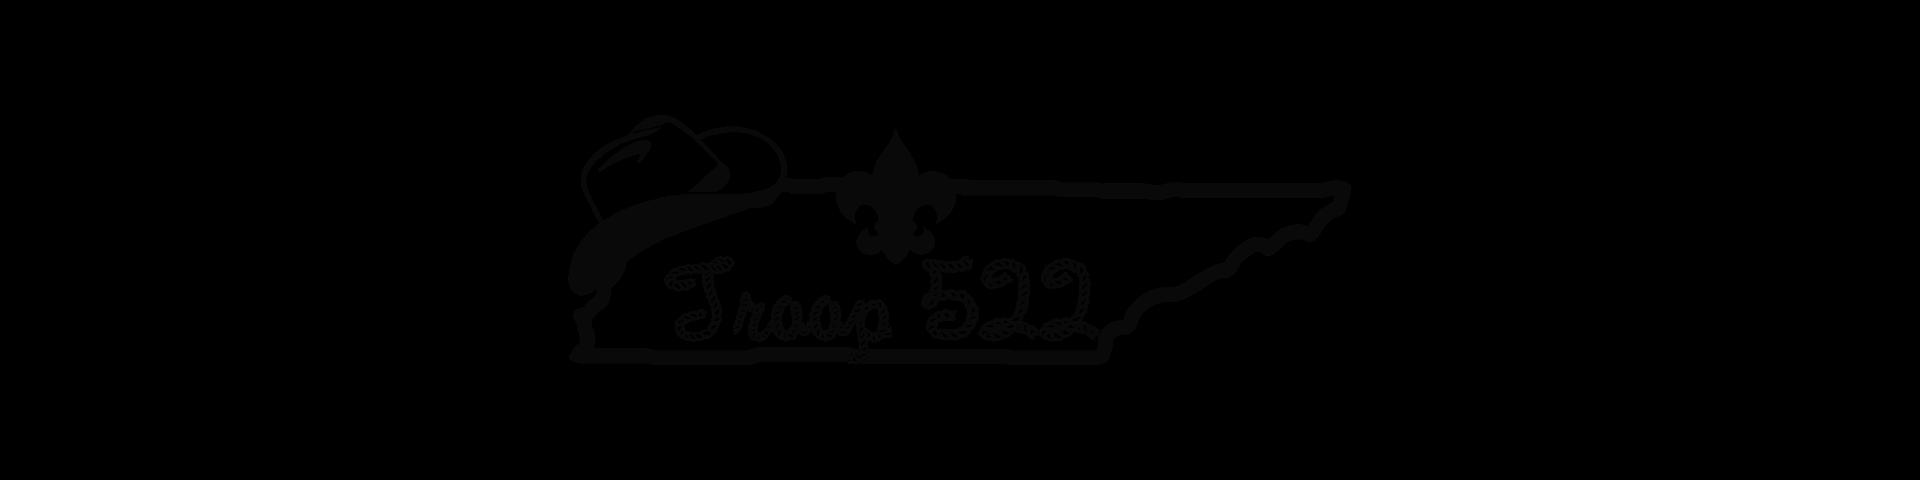 Woodlawn Troop 522 S2